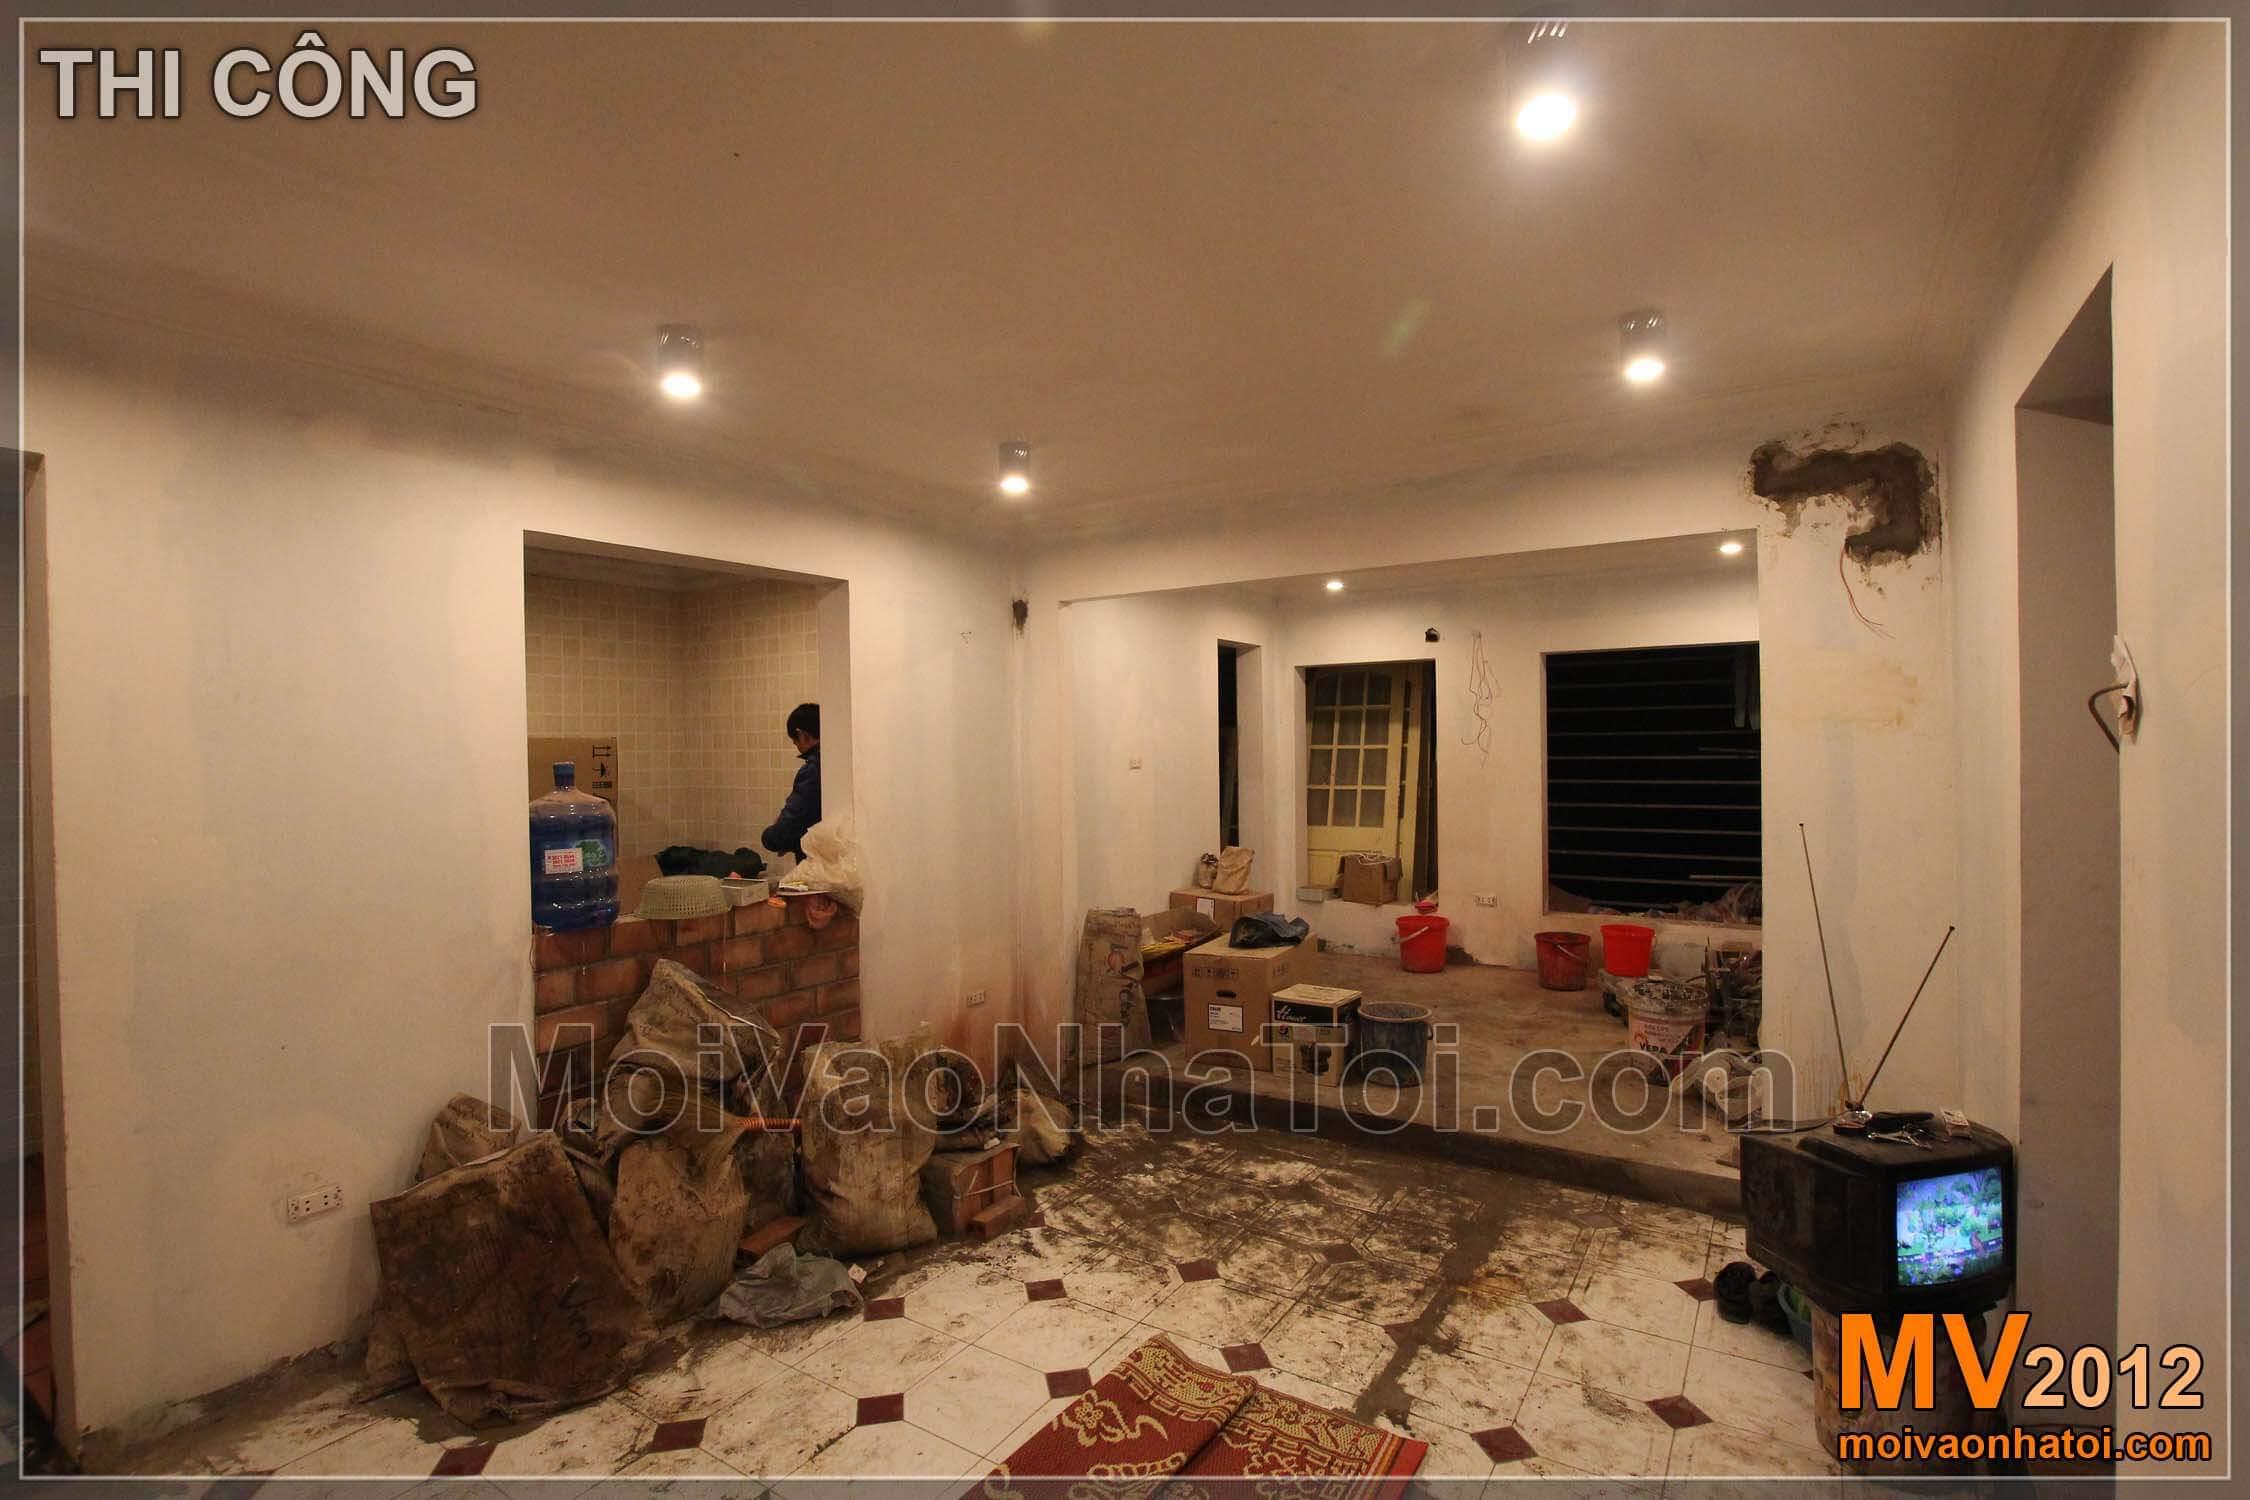 Tiếp tục phá - Đục lỗ, tạo quầy Bar, liên thông giữa nội thất phòng khách và bếp